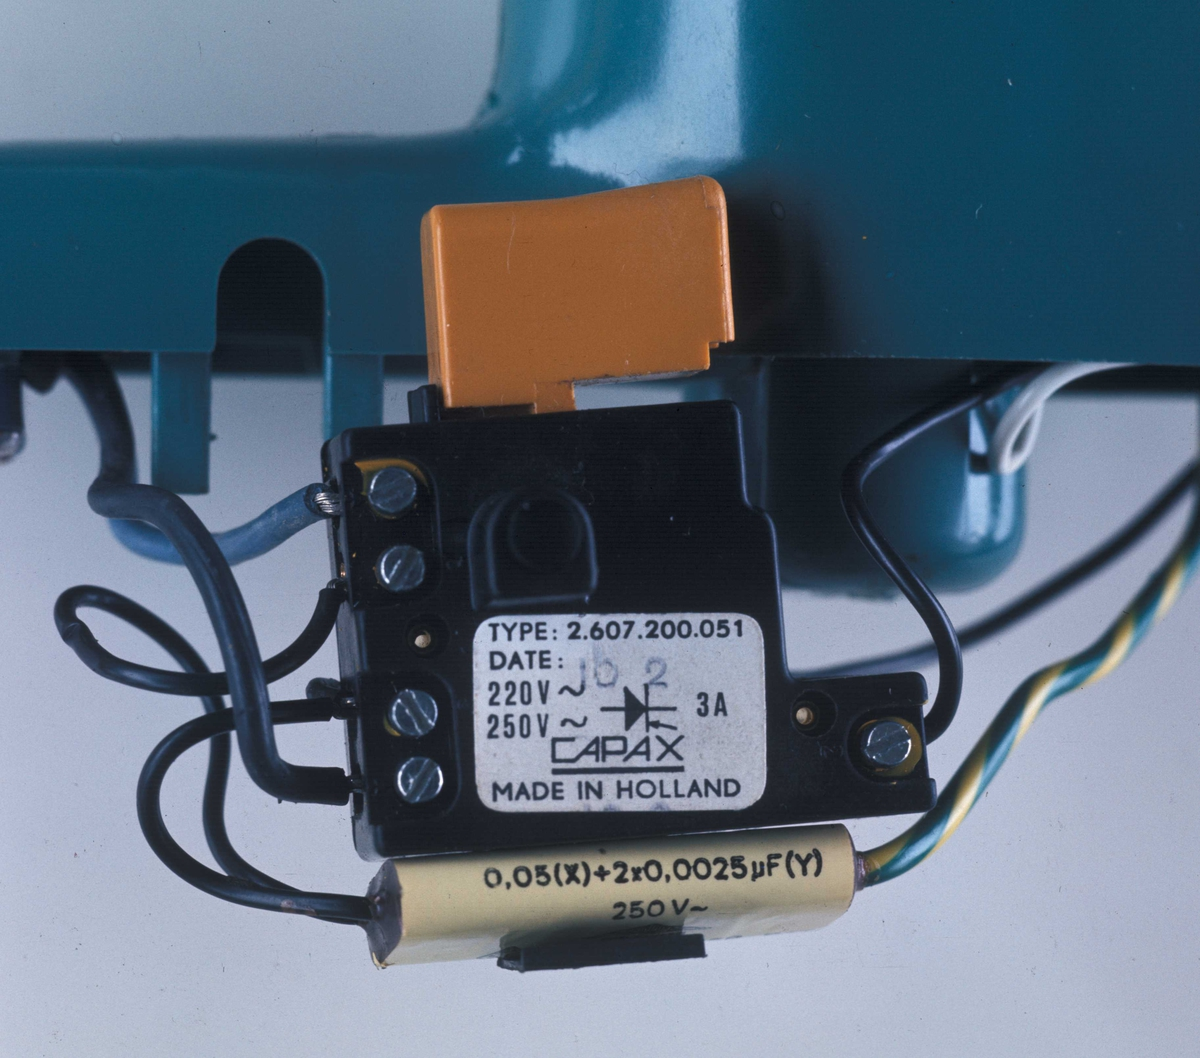 Trinnløs bryter til Bosch-drill. Nye Bonytt 1974-5.